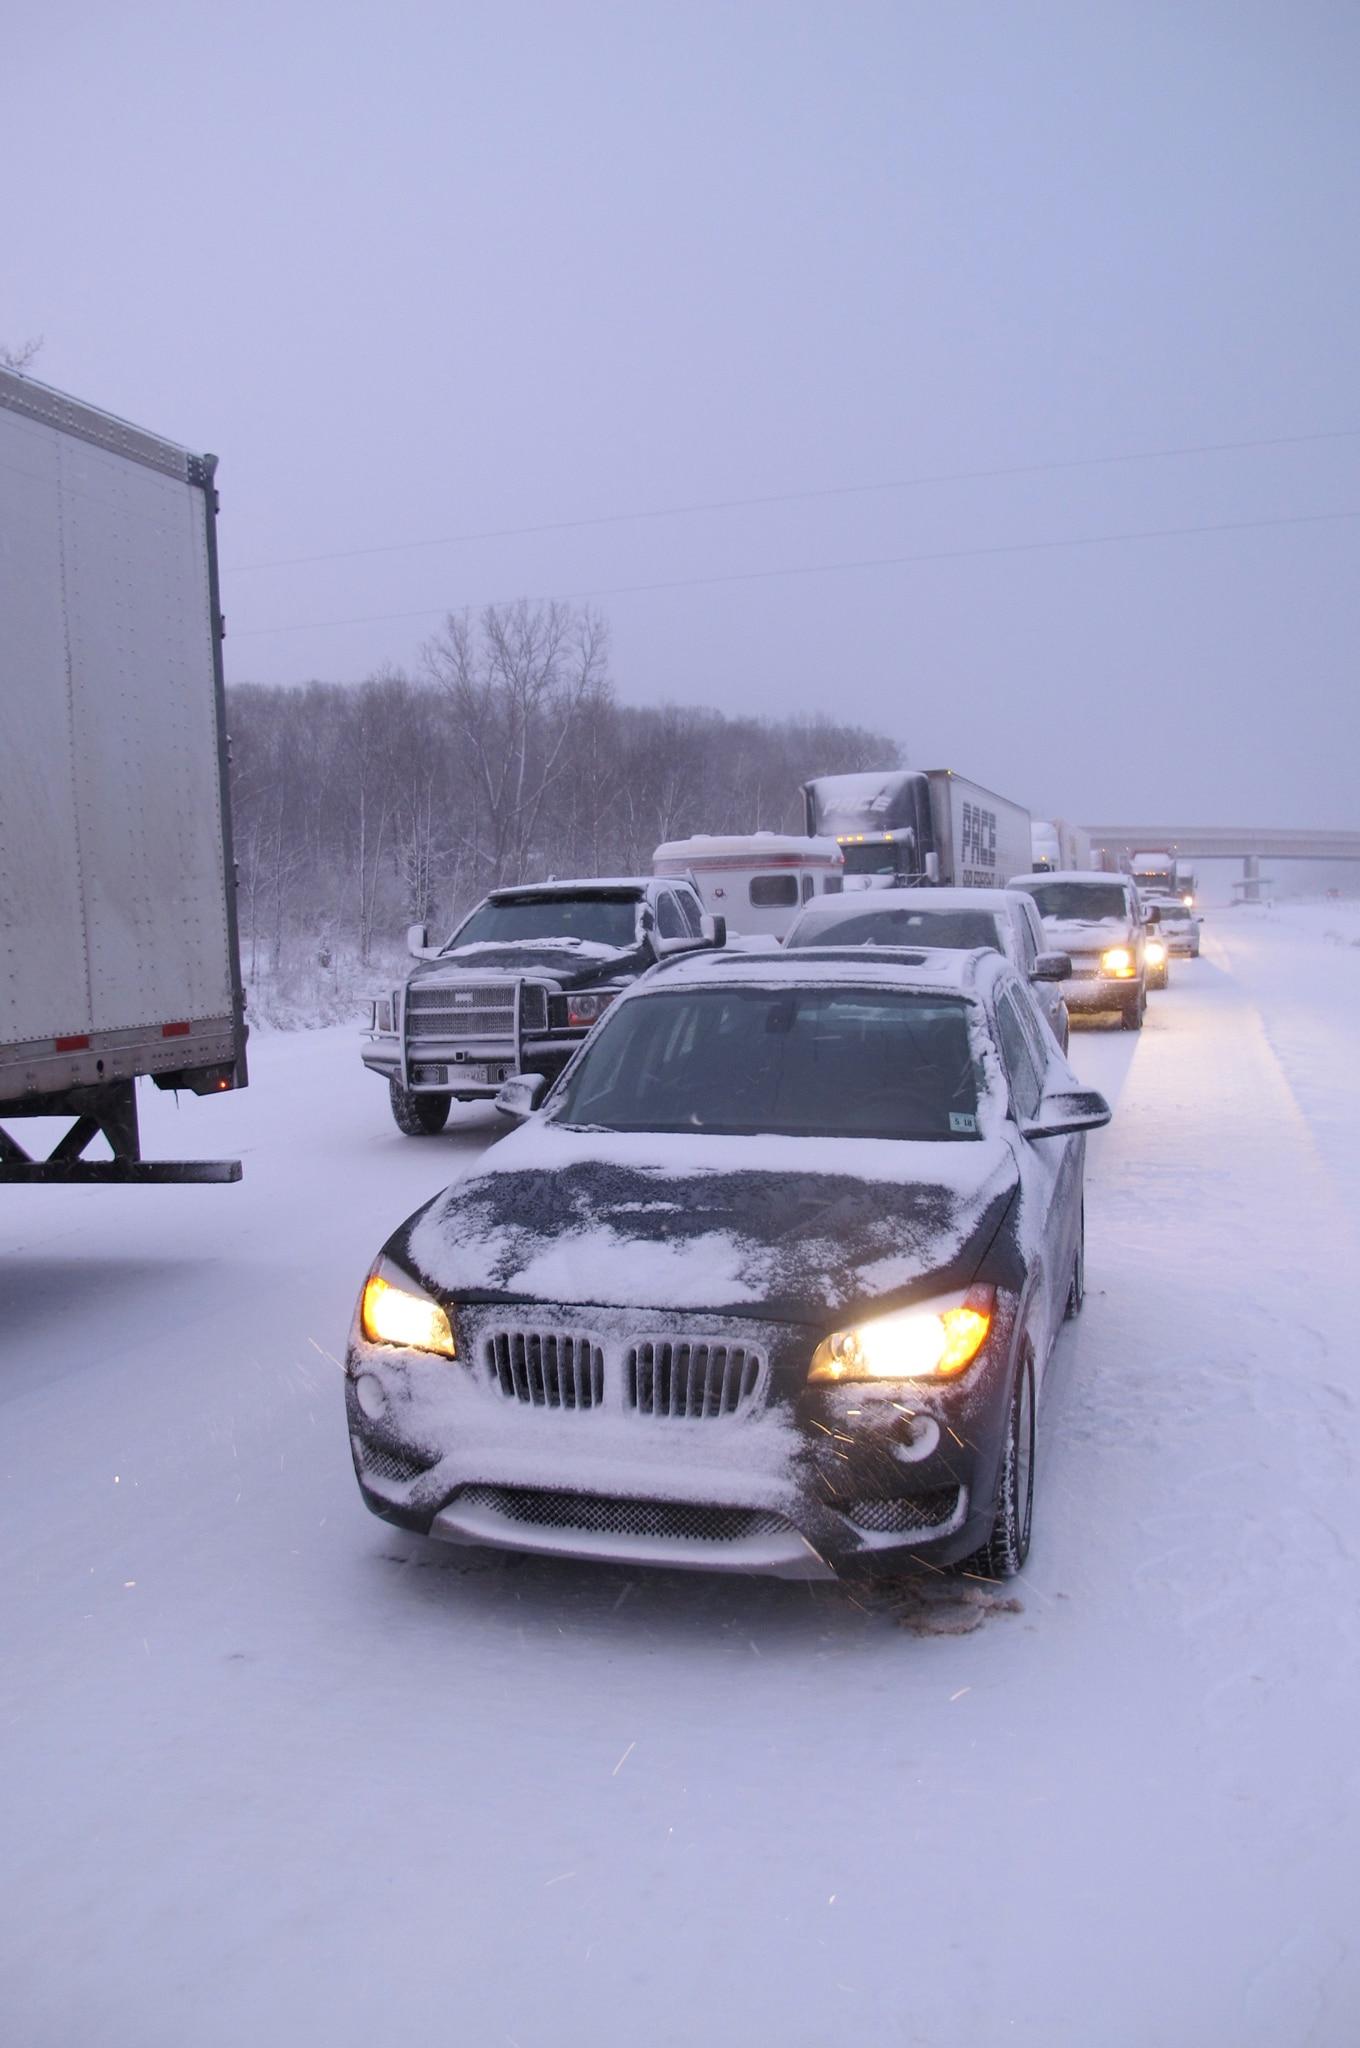 2014 BMW X1 xDrive28i - Snowbound and Down - Automobile Magazine